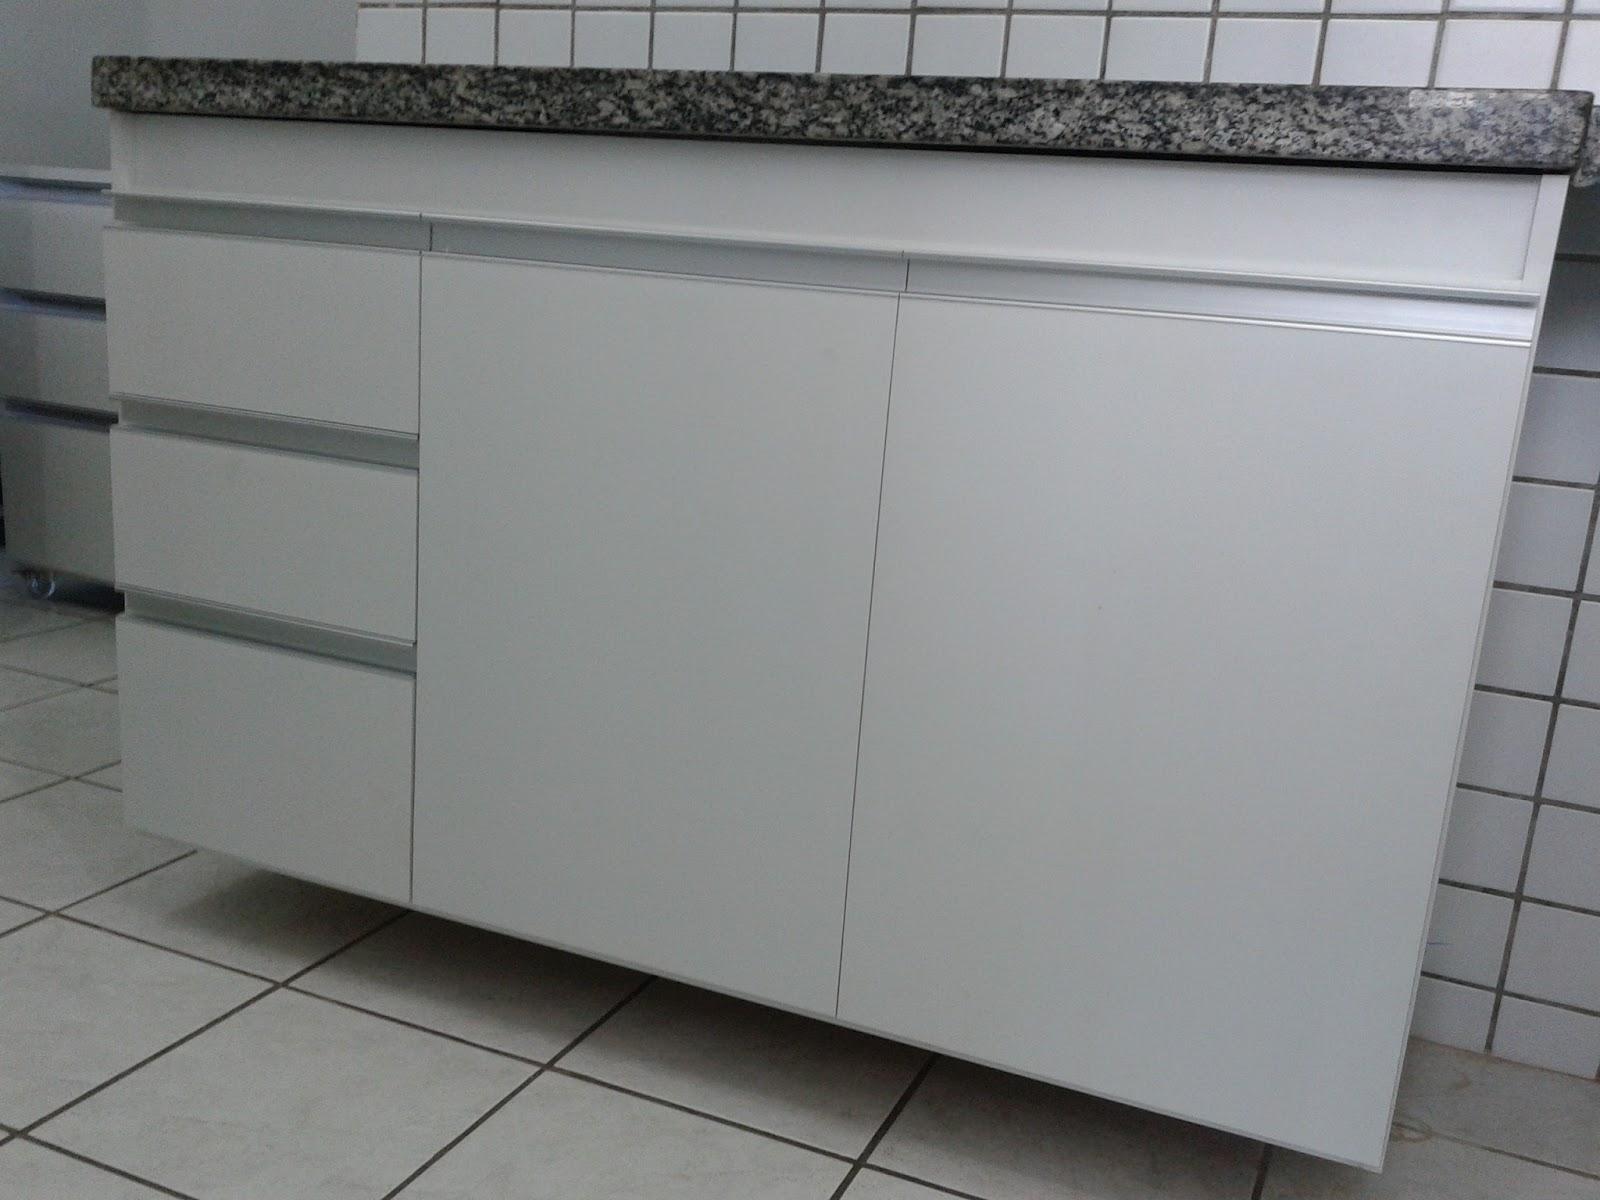 compacto com suporte para pano de prato gaveta interna e externas  #5E616D 1600 1200